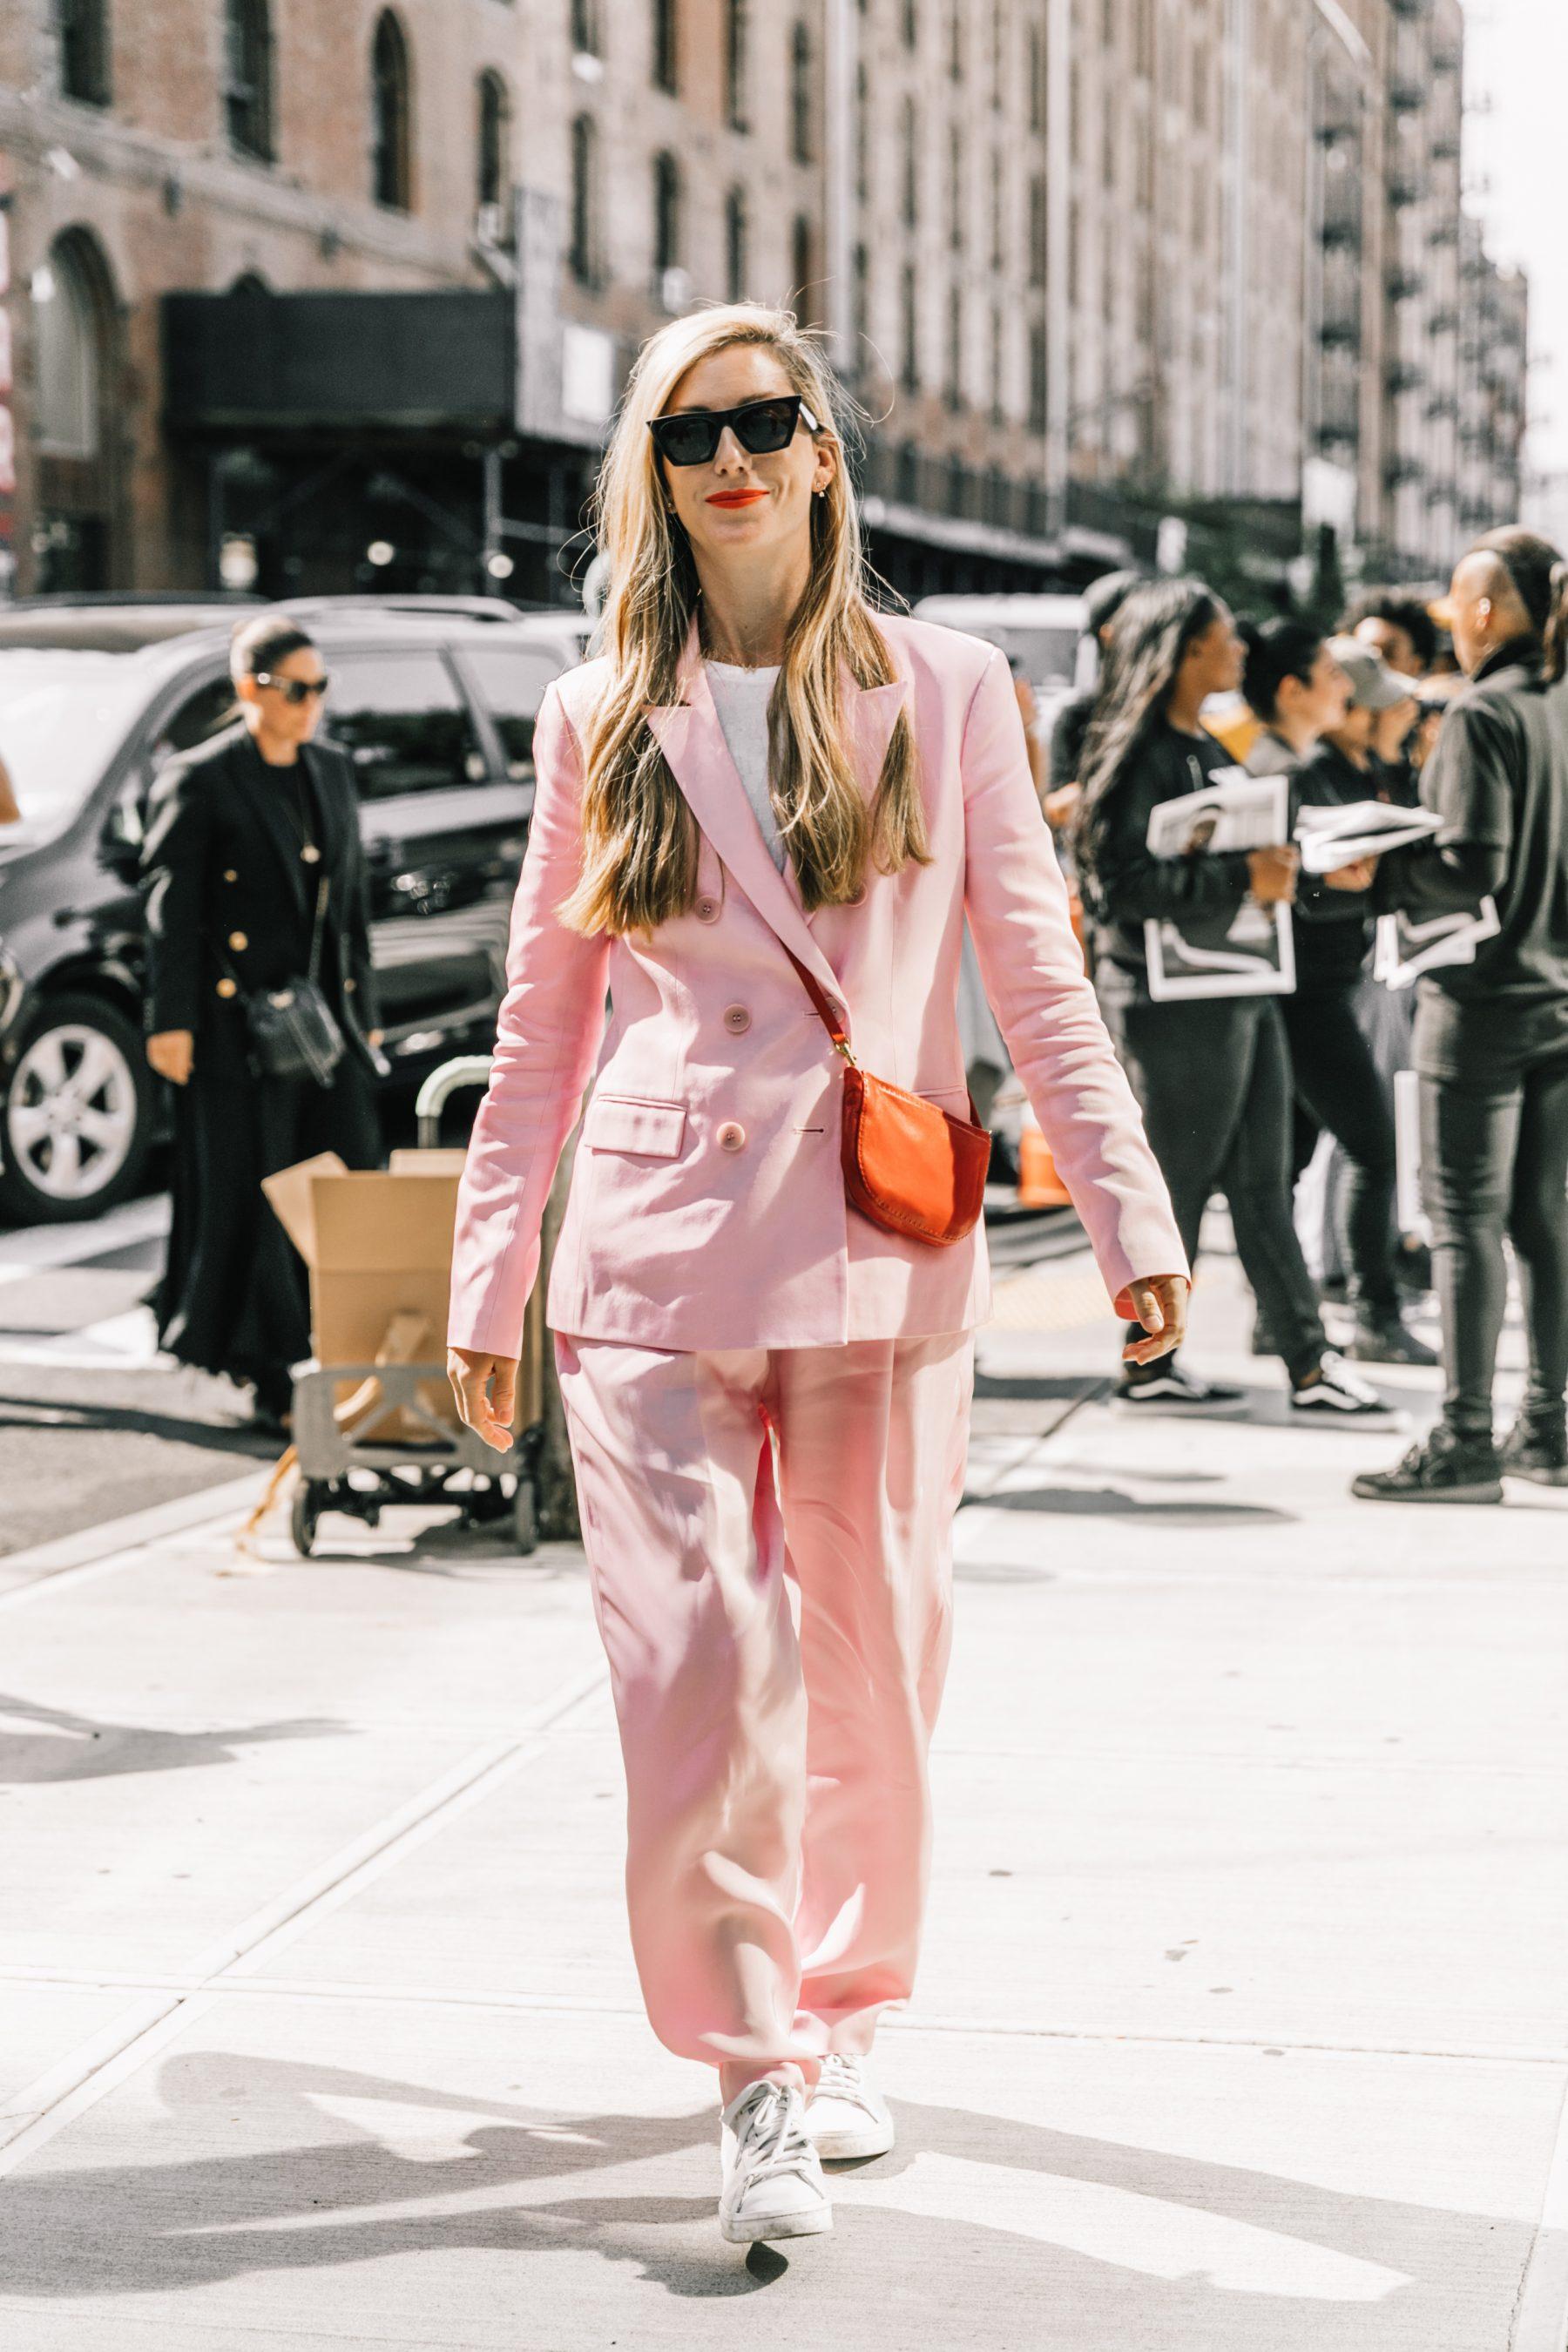 diện nguyên cây suit hồng phớt cho thời trang Xuân - Hè